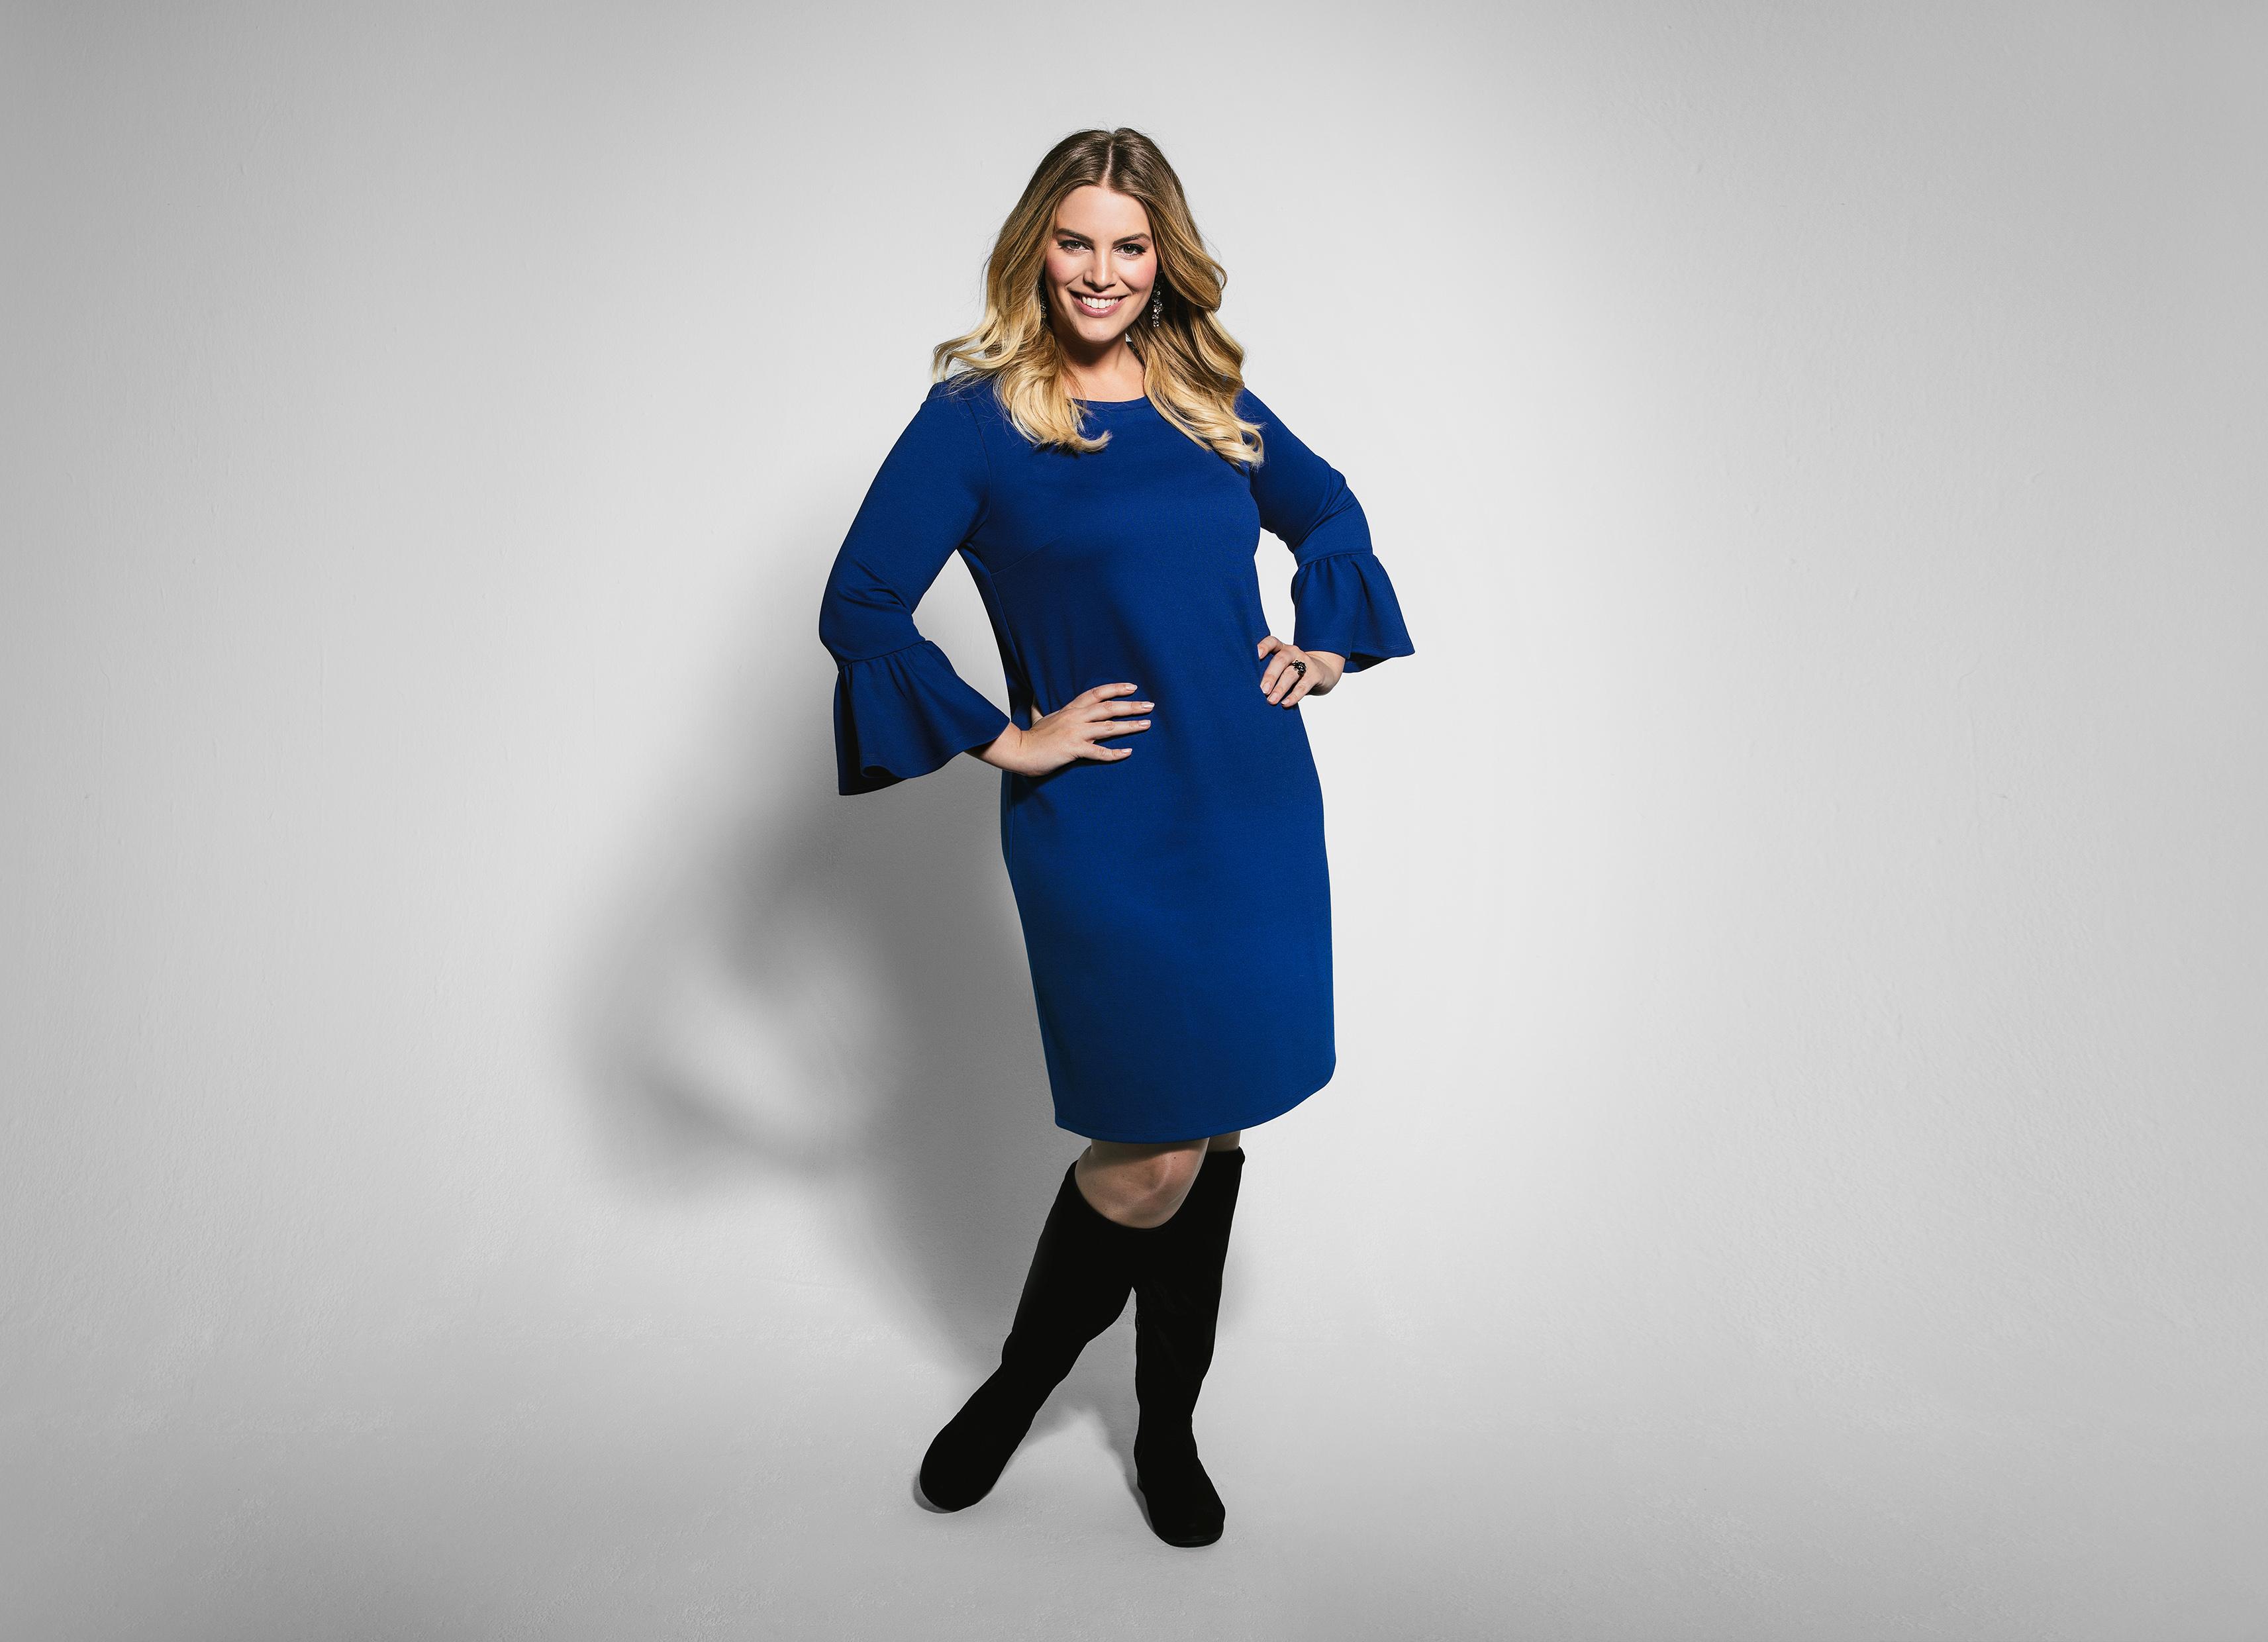 Rock Your Curves Angelina Kirsch Macht Mit Aldi Mode Für Kurvige